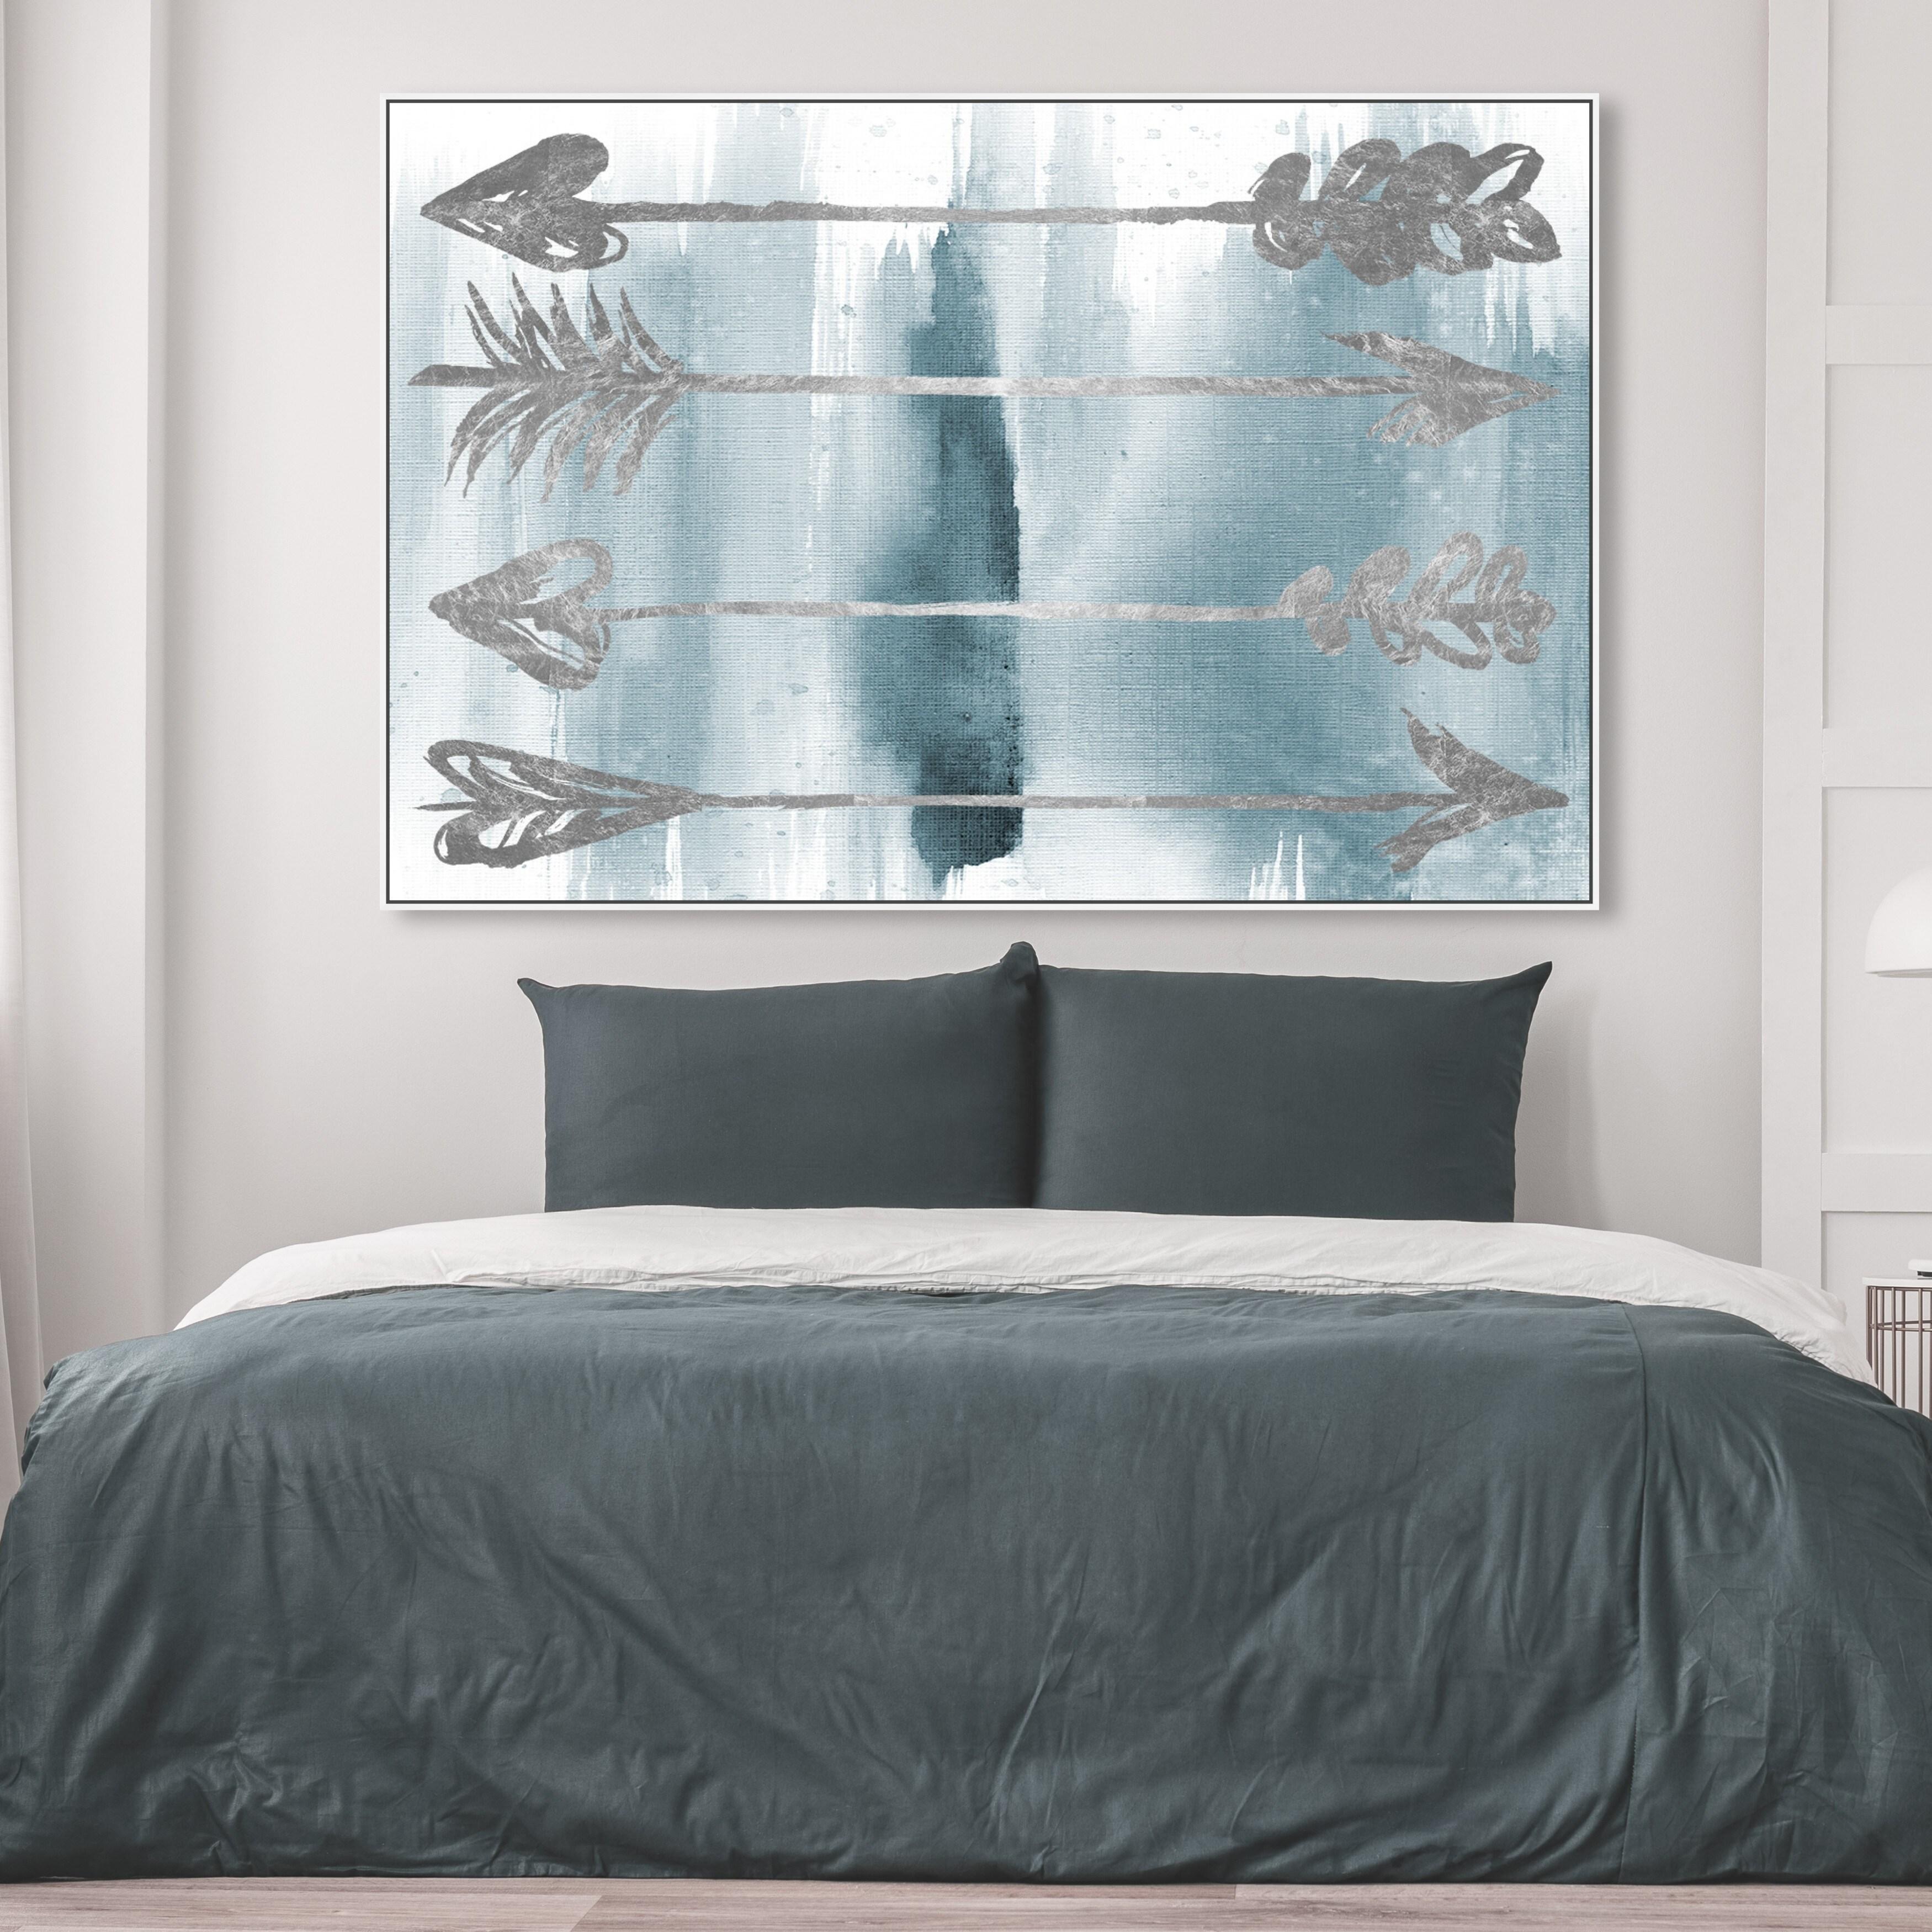 arrows as wall art in bedroom